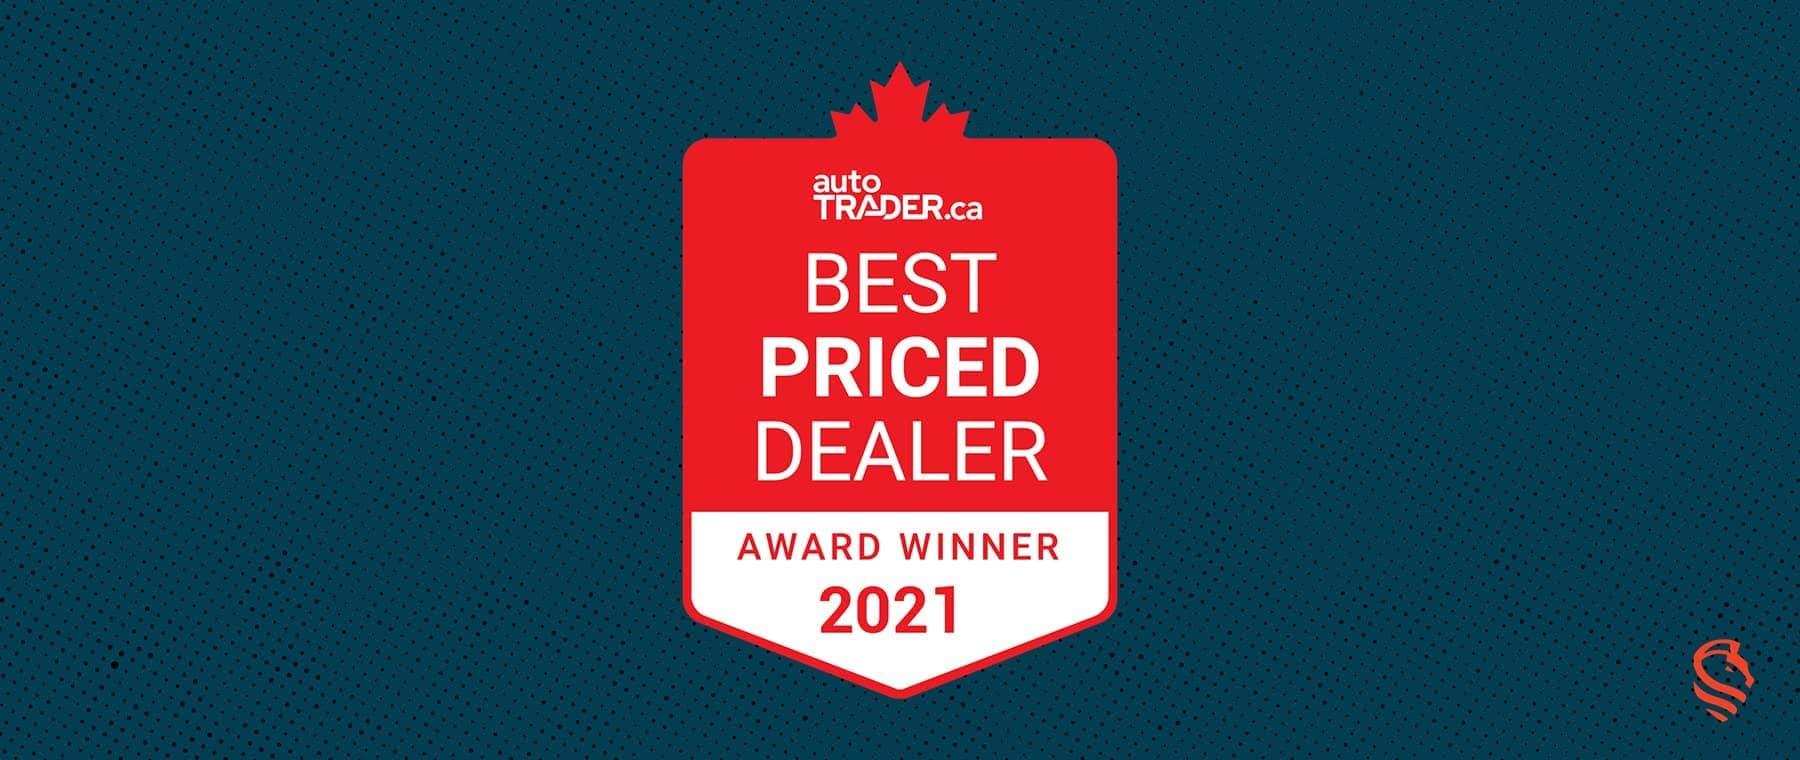 Best Priced Dealer – Knight